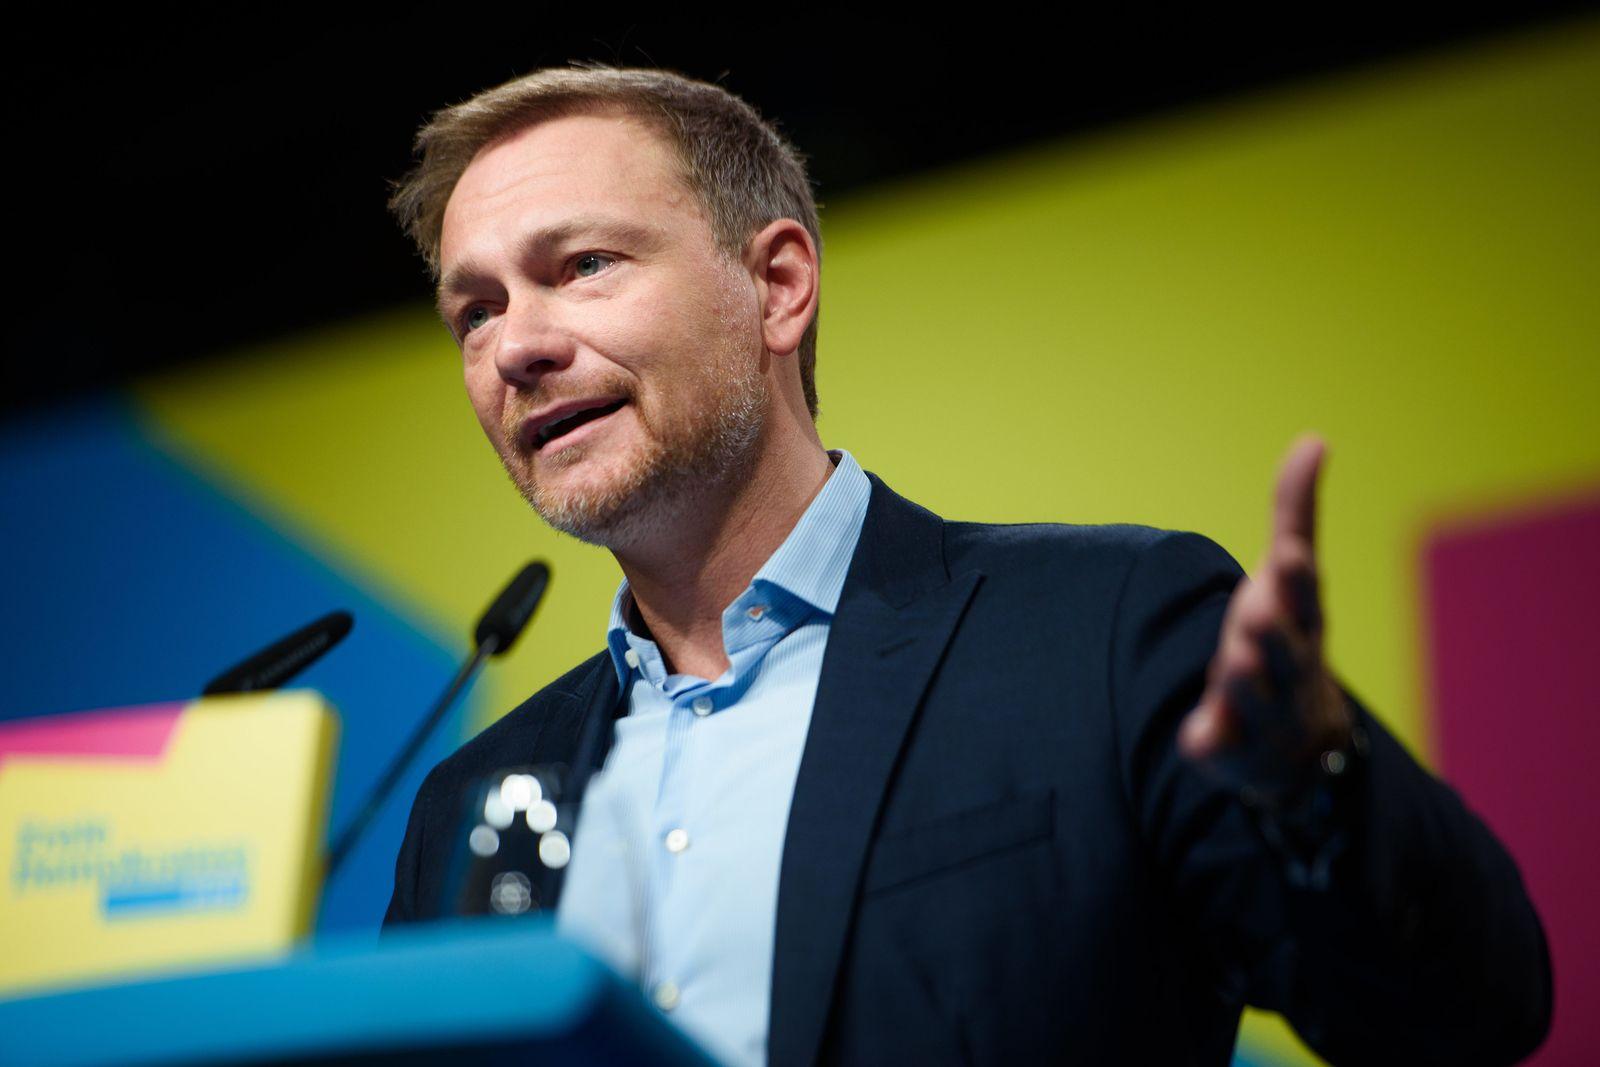 Europaparteitag der FDP